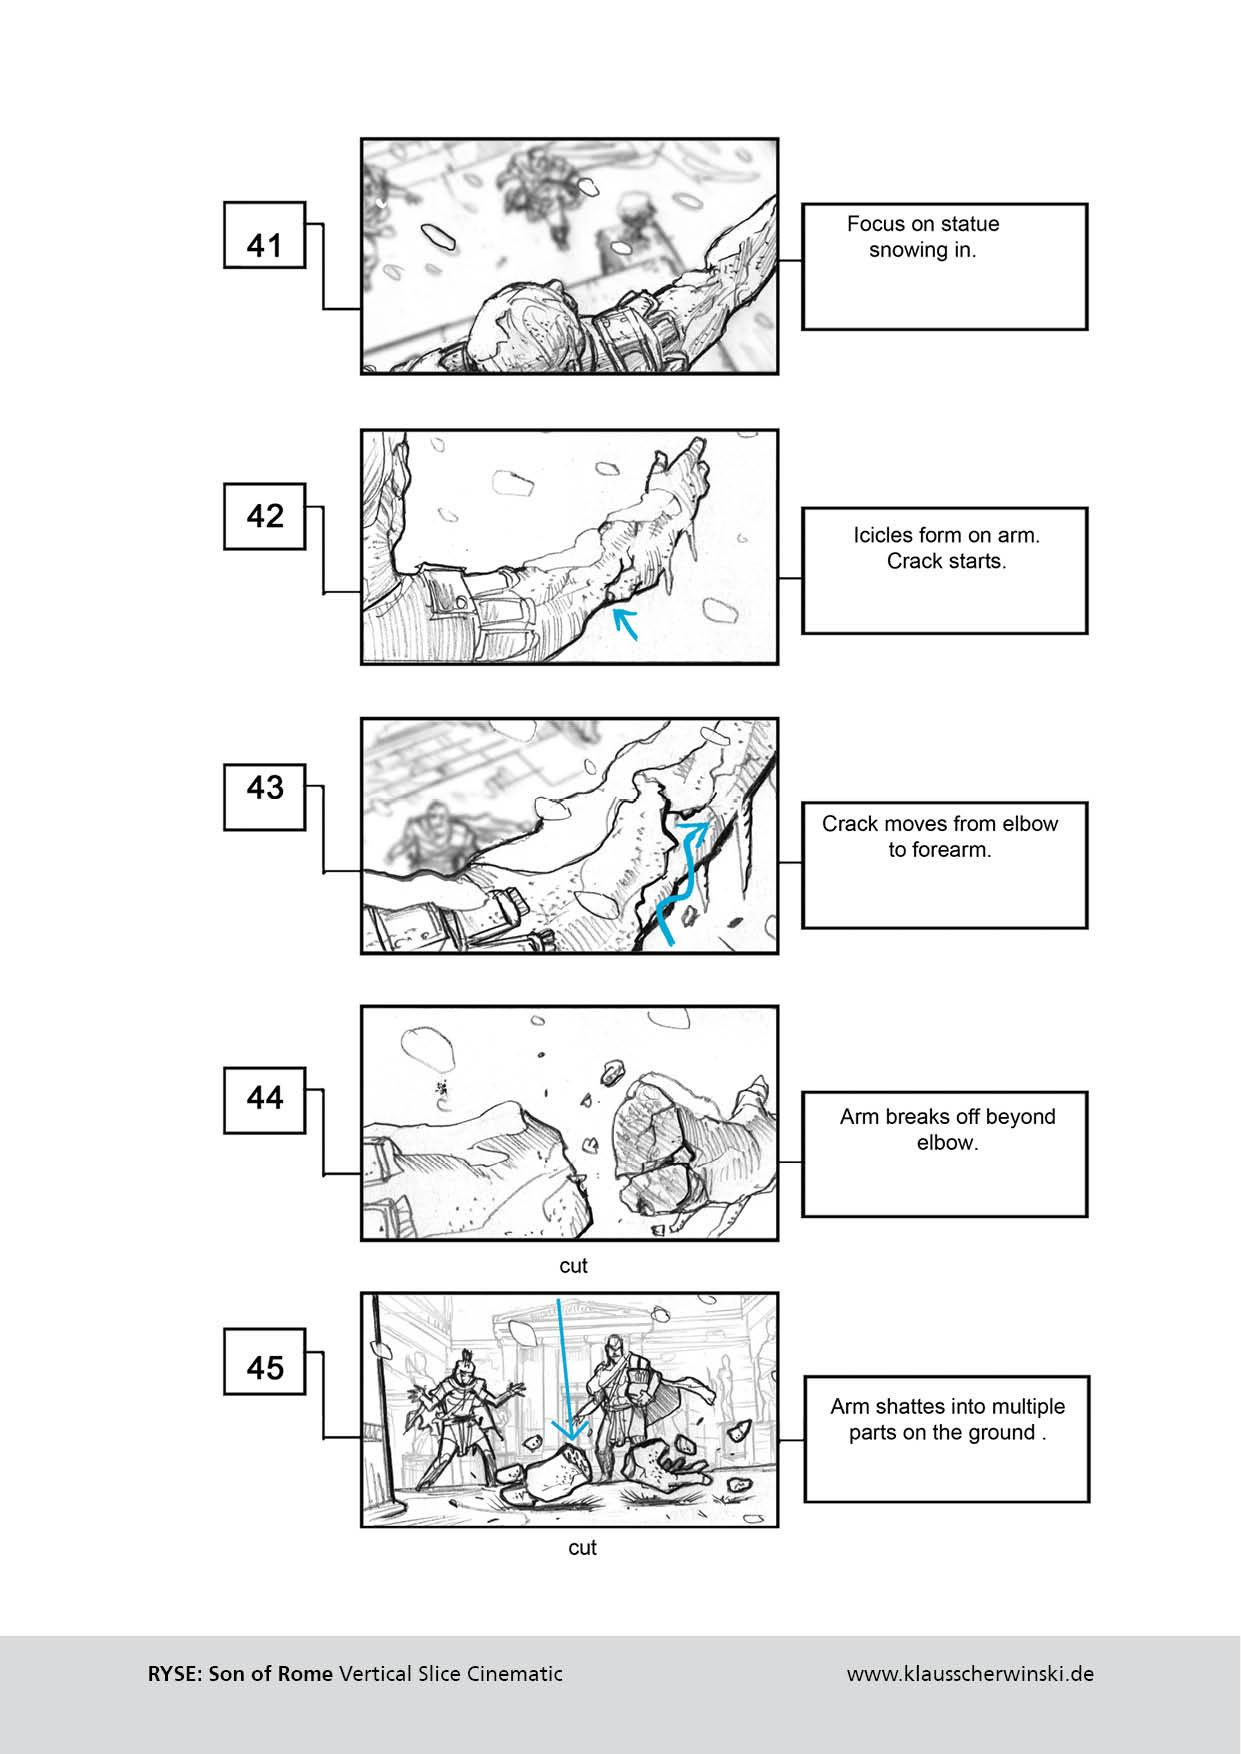 Klaus scherwinski ryse sb verticalslice 10